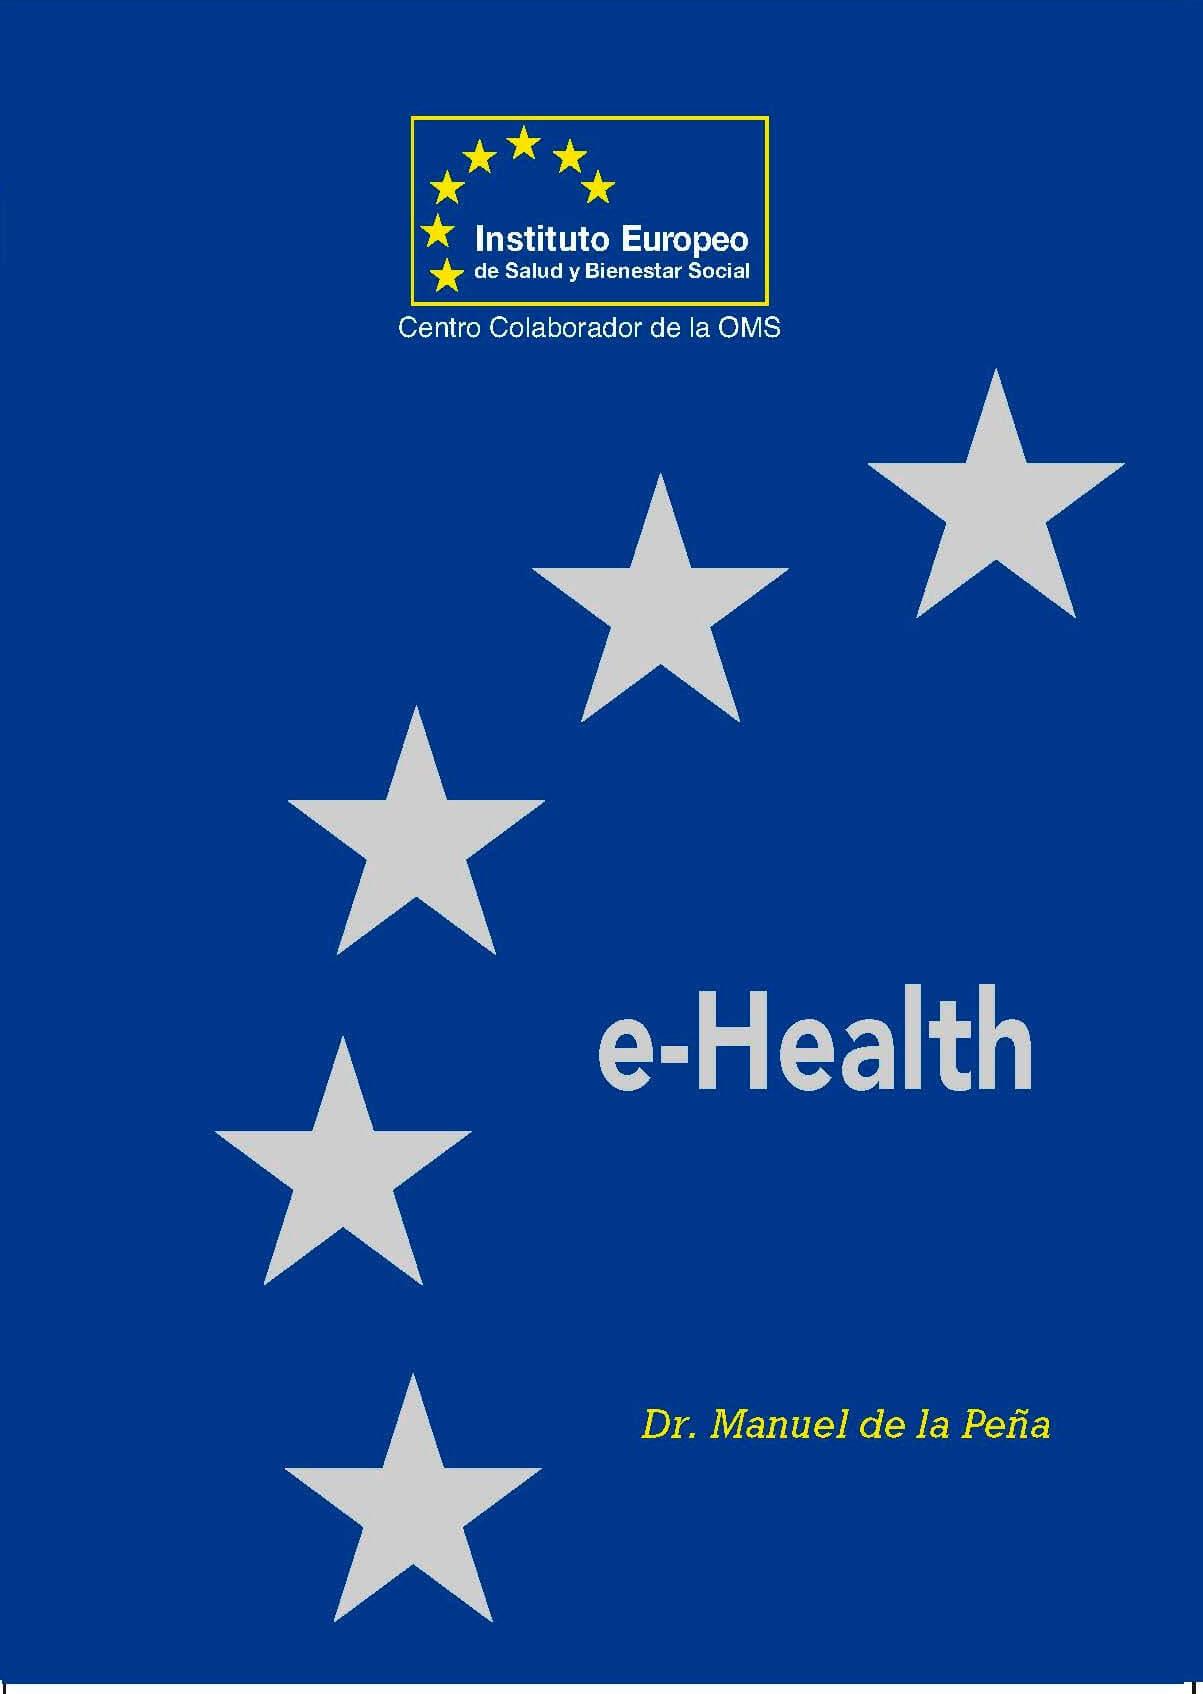 instituto europeo de salud ¿Qué es el Instituto Europeo de Salud? EL DESAFIO DE LA E HEALTH 2